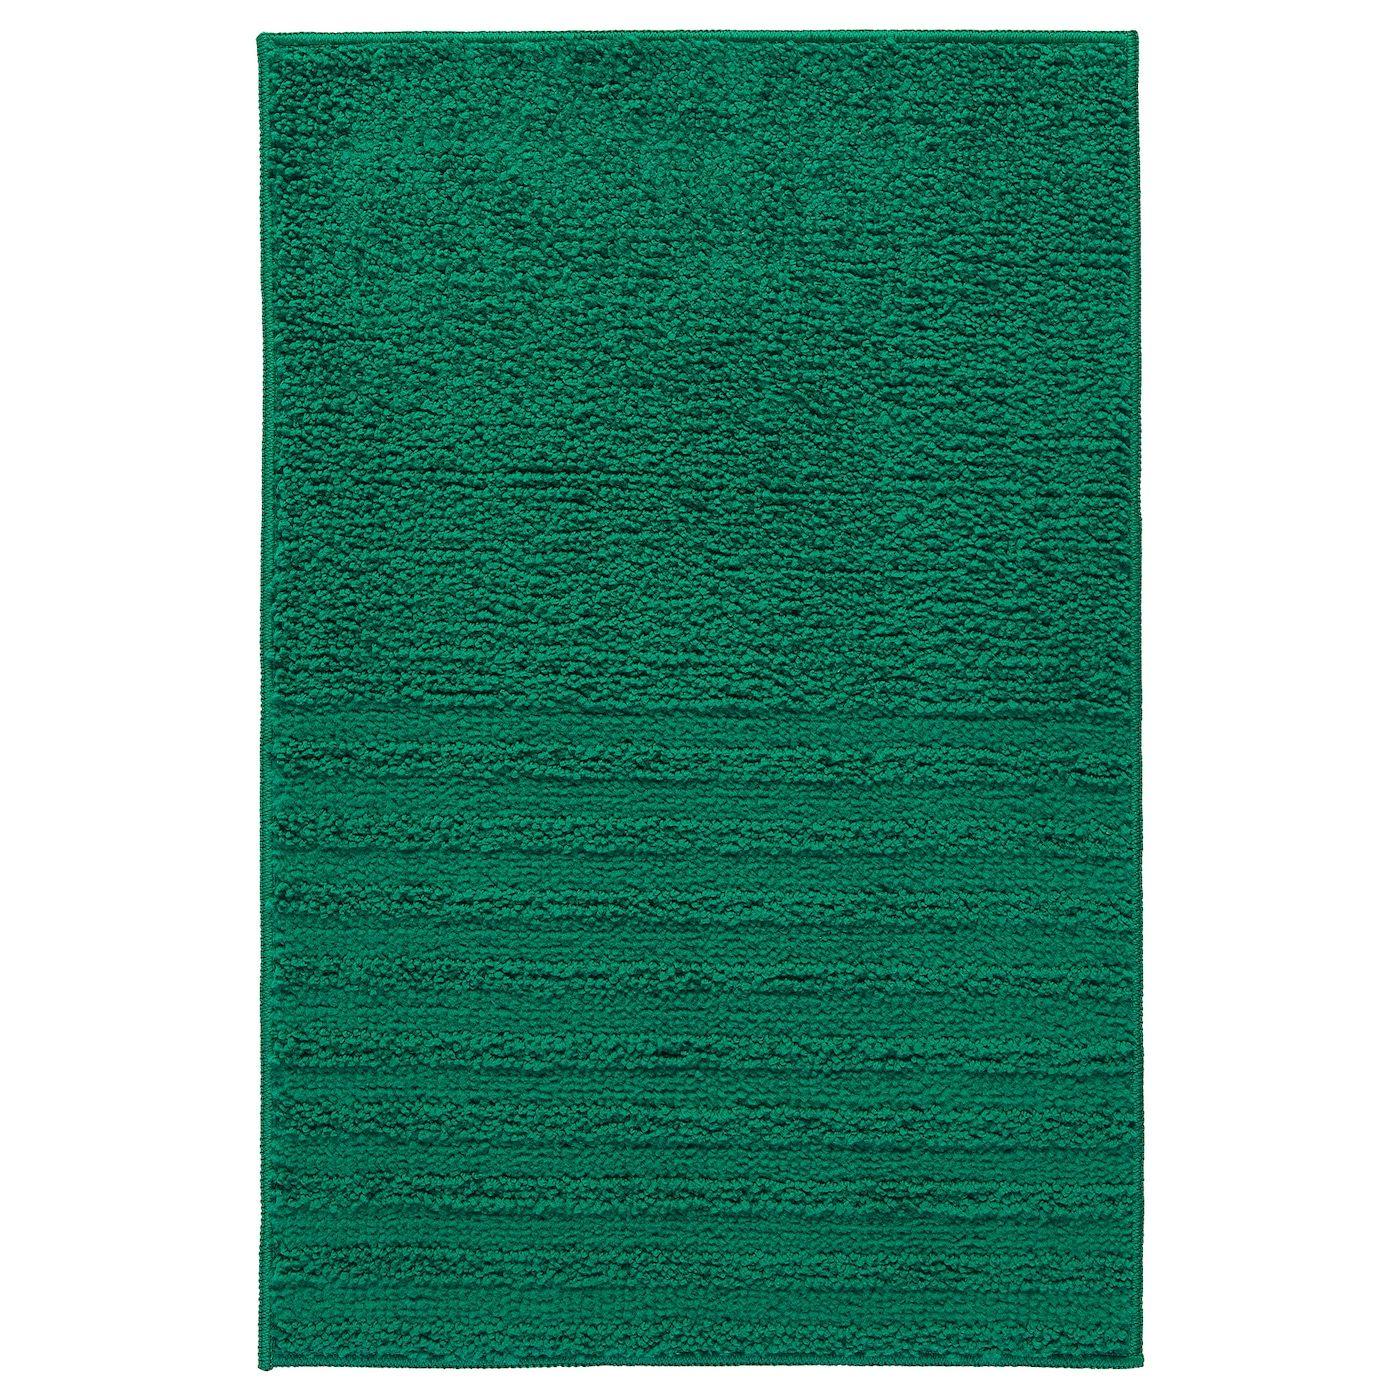 Vinnfar Tapis De Bain Vert Fonce 40x60 Cm In 2020 Bath Mat Pvc Vinyl Flooring Types Of Flooring